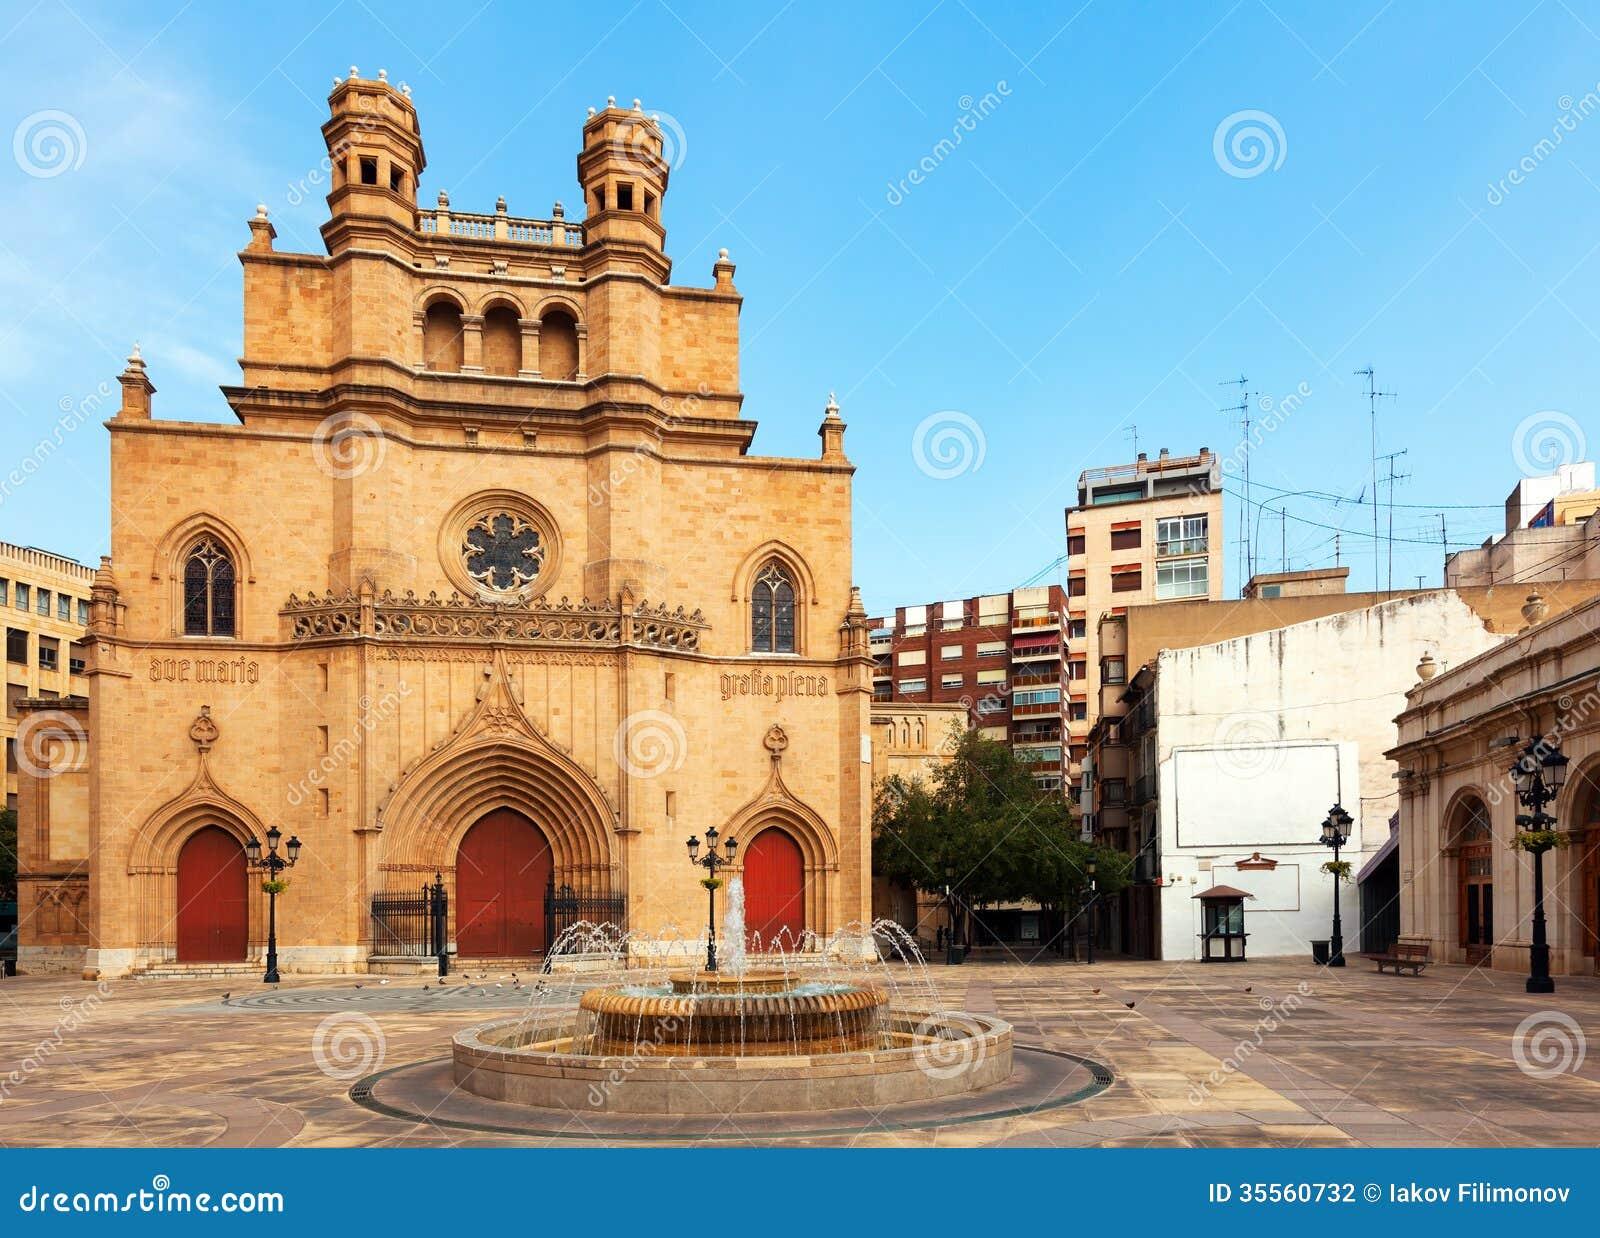 Castellon de la Plana Spain  city photo : Gothic Cathedral At Castellon De La Plana, Spain Stock Photography ...